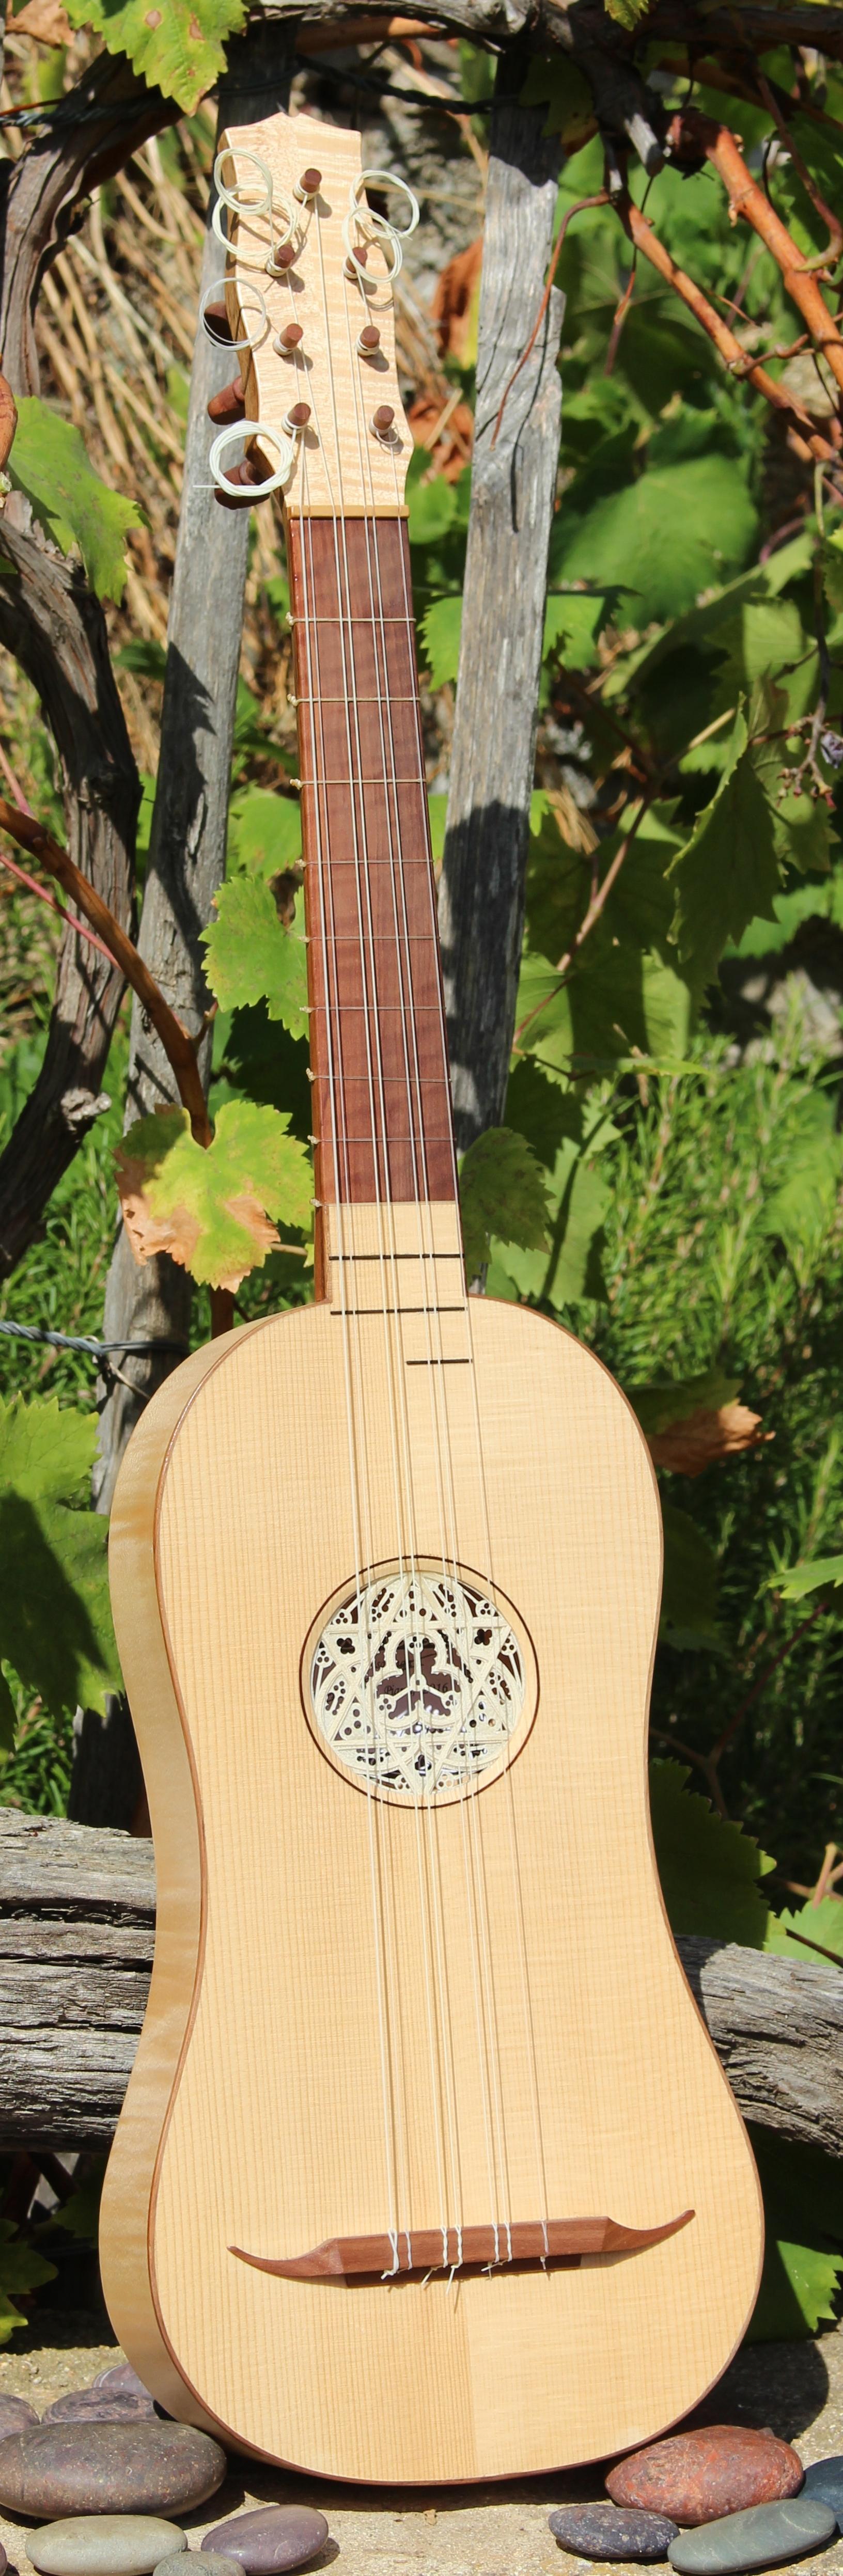 Guitare renaissance.JPG